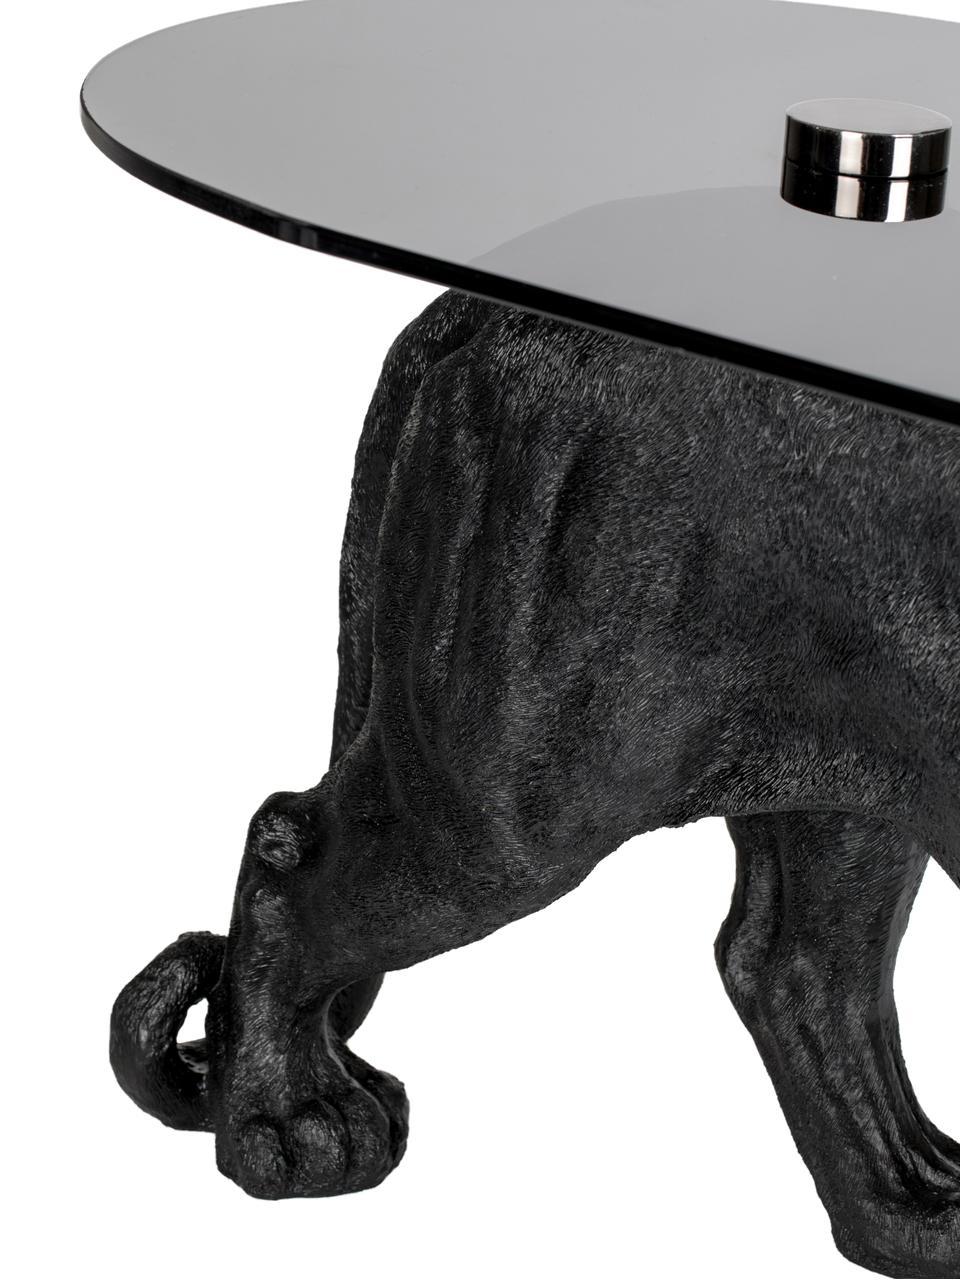 Design Couchtisch Dope As Hell, Platte: Hartglas, gefärbt, Gestell: Polyresin, lackiert, Schwarz, 90 x 42 cm